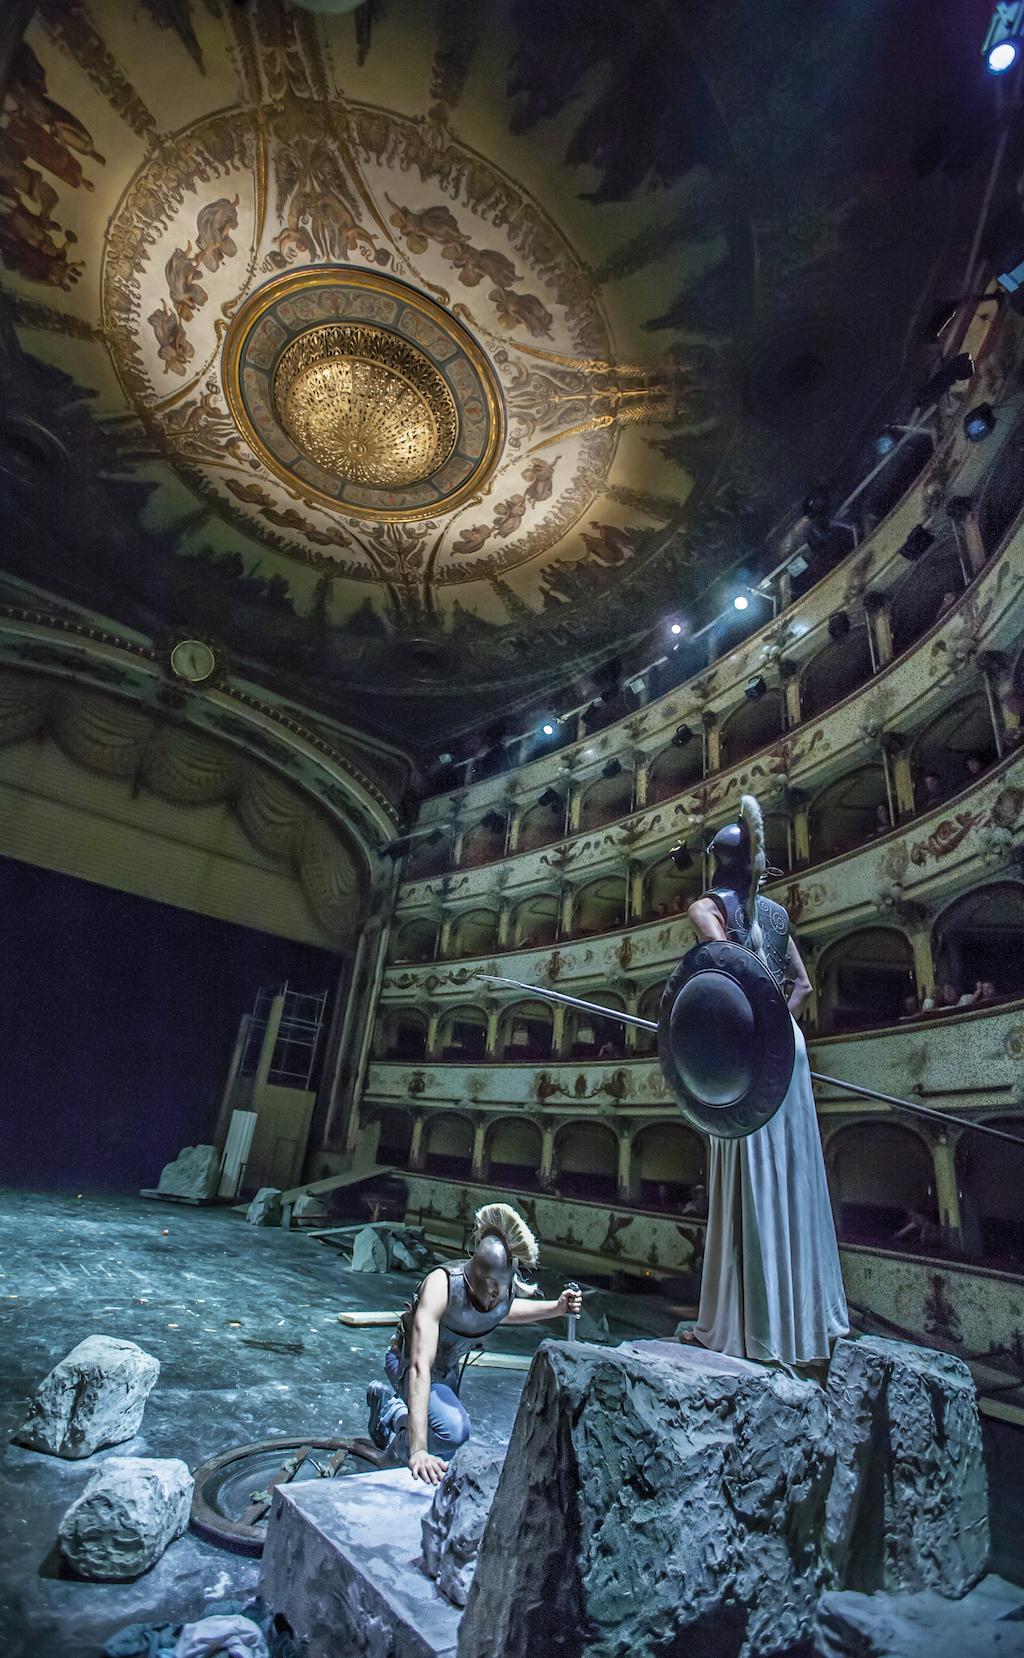 ODISSEA-DOPPIO RITORNO – regia Luca Ronconi